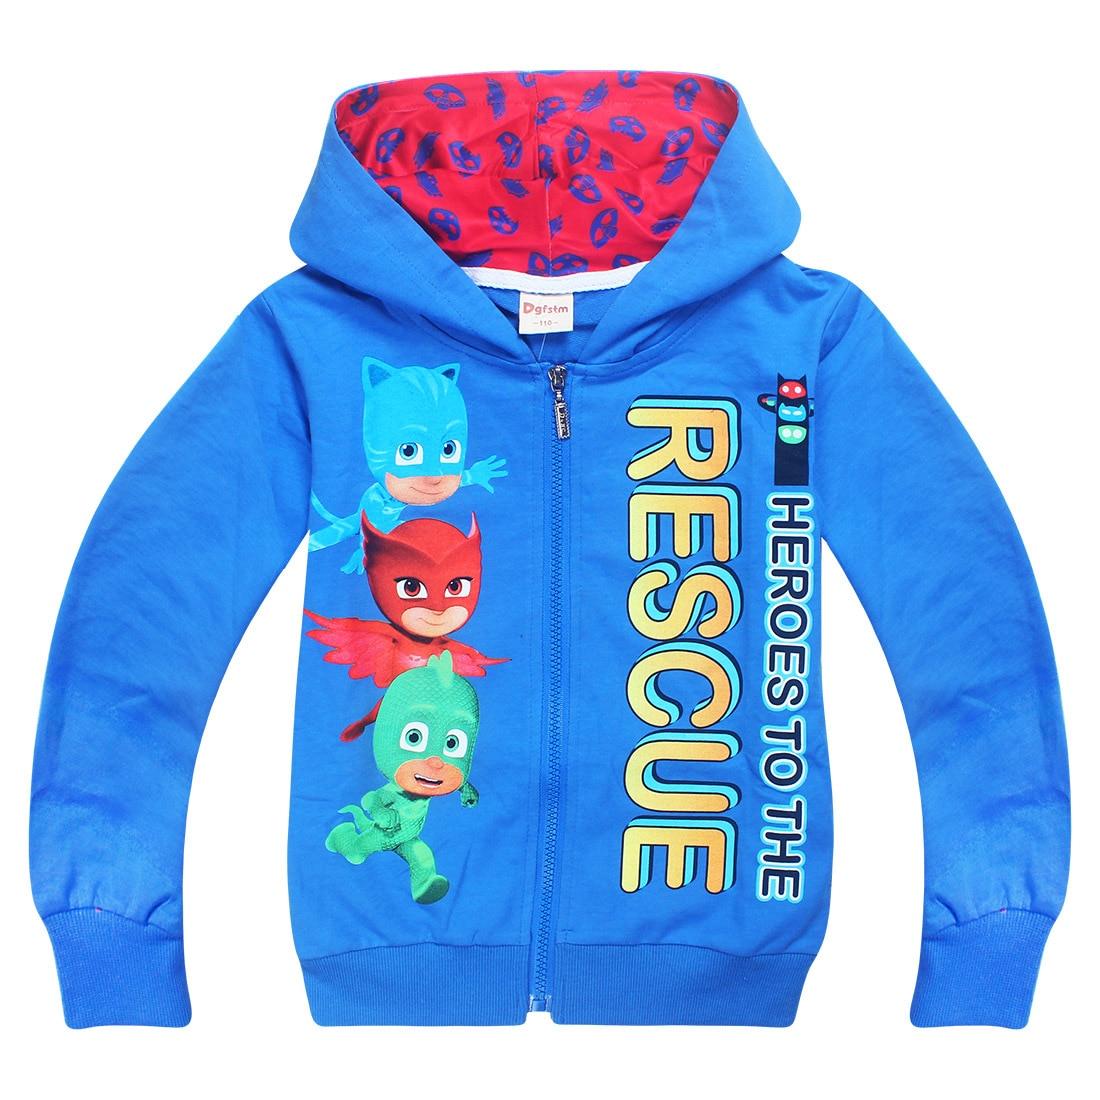 Новое поступление Детская весенняя одежда модная одежда с длинными рукавами Обувь для мальчиков футболки Обувь для девочек маска Толстовк...